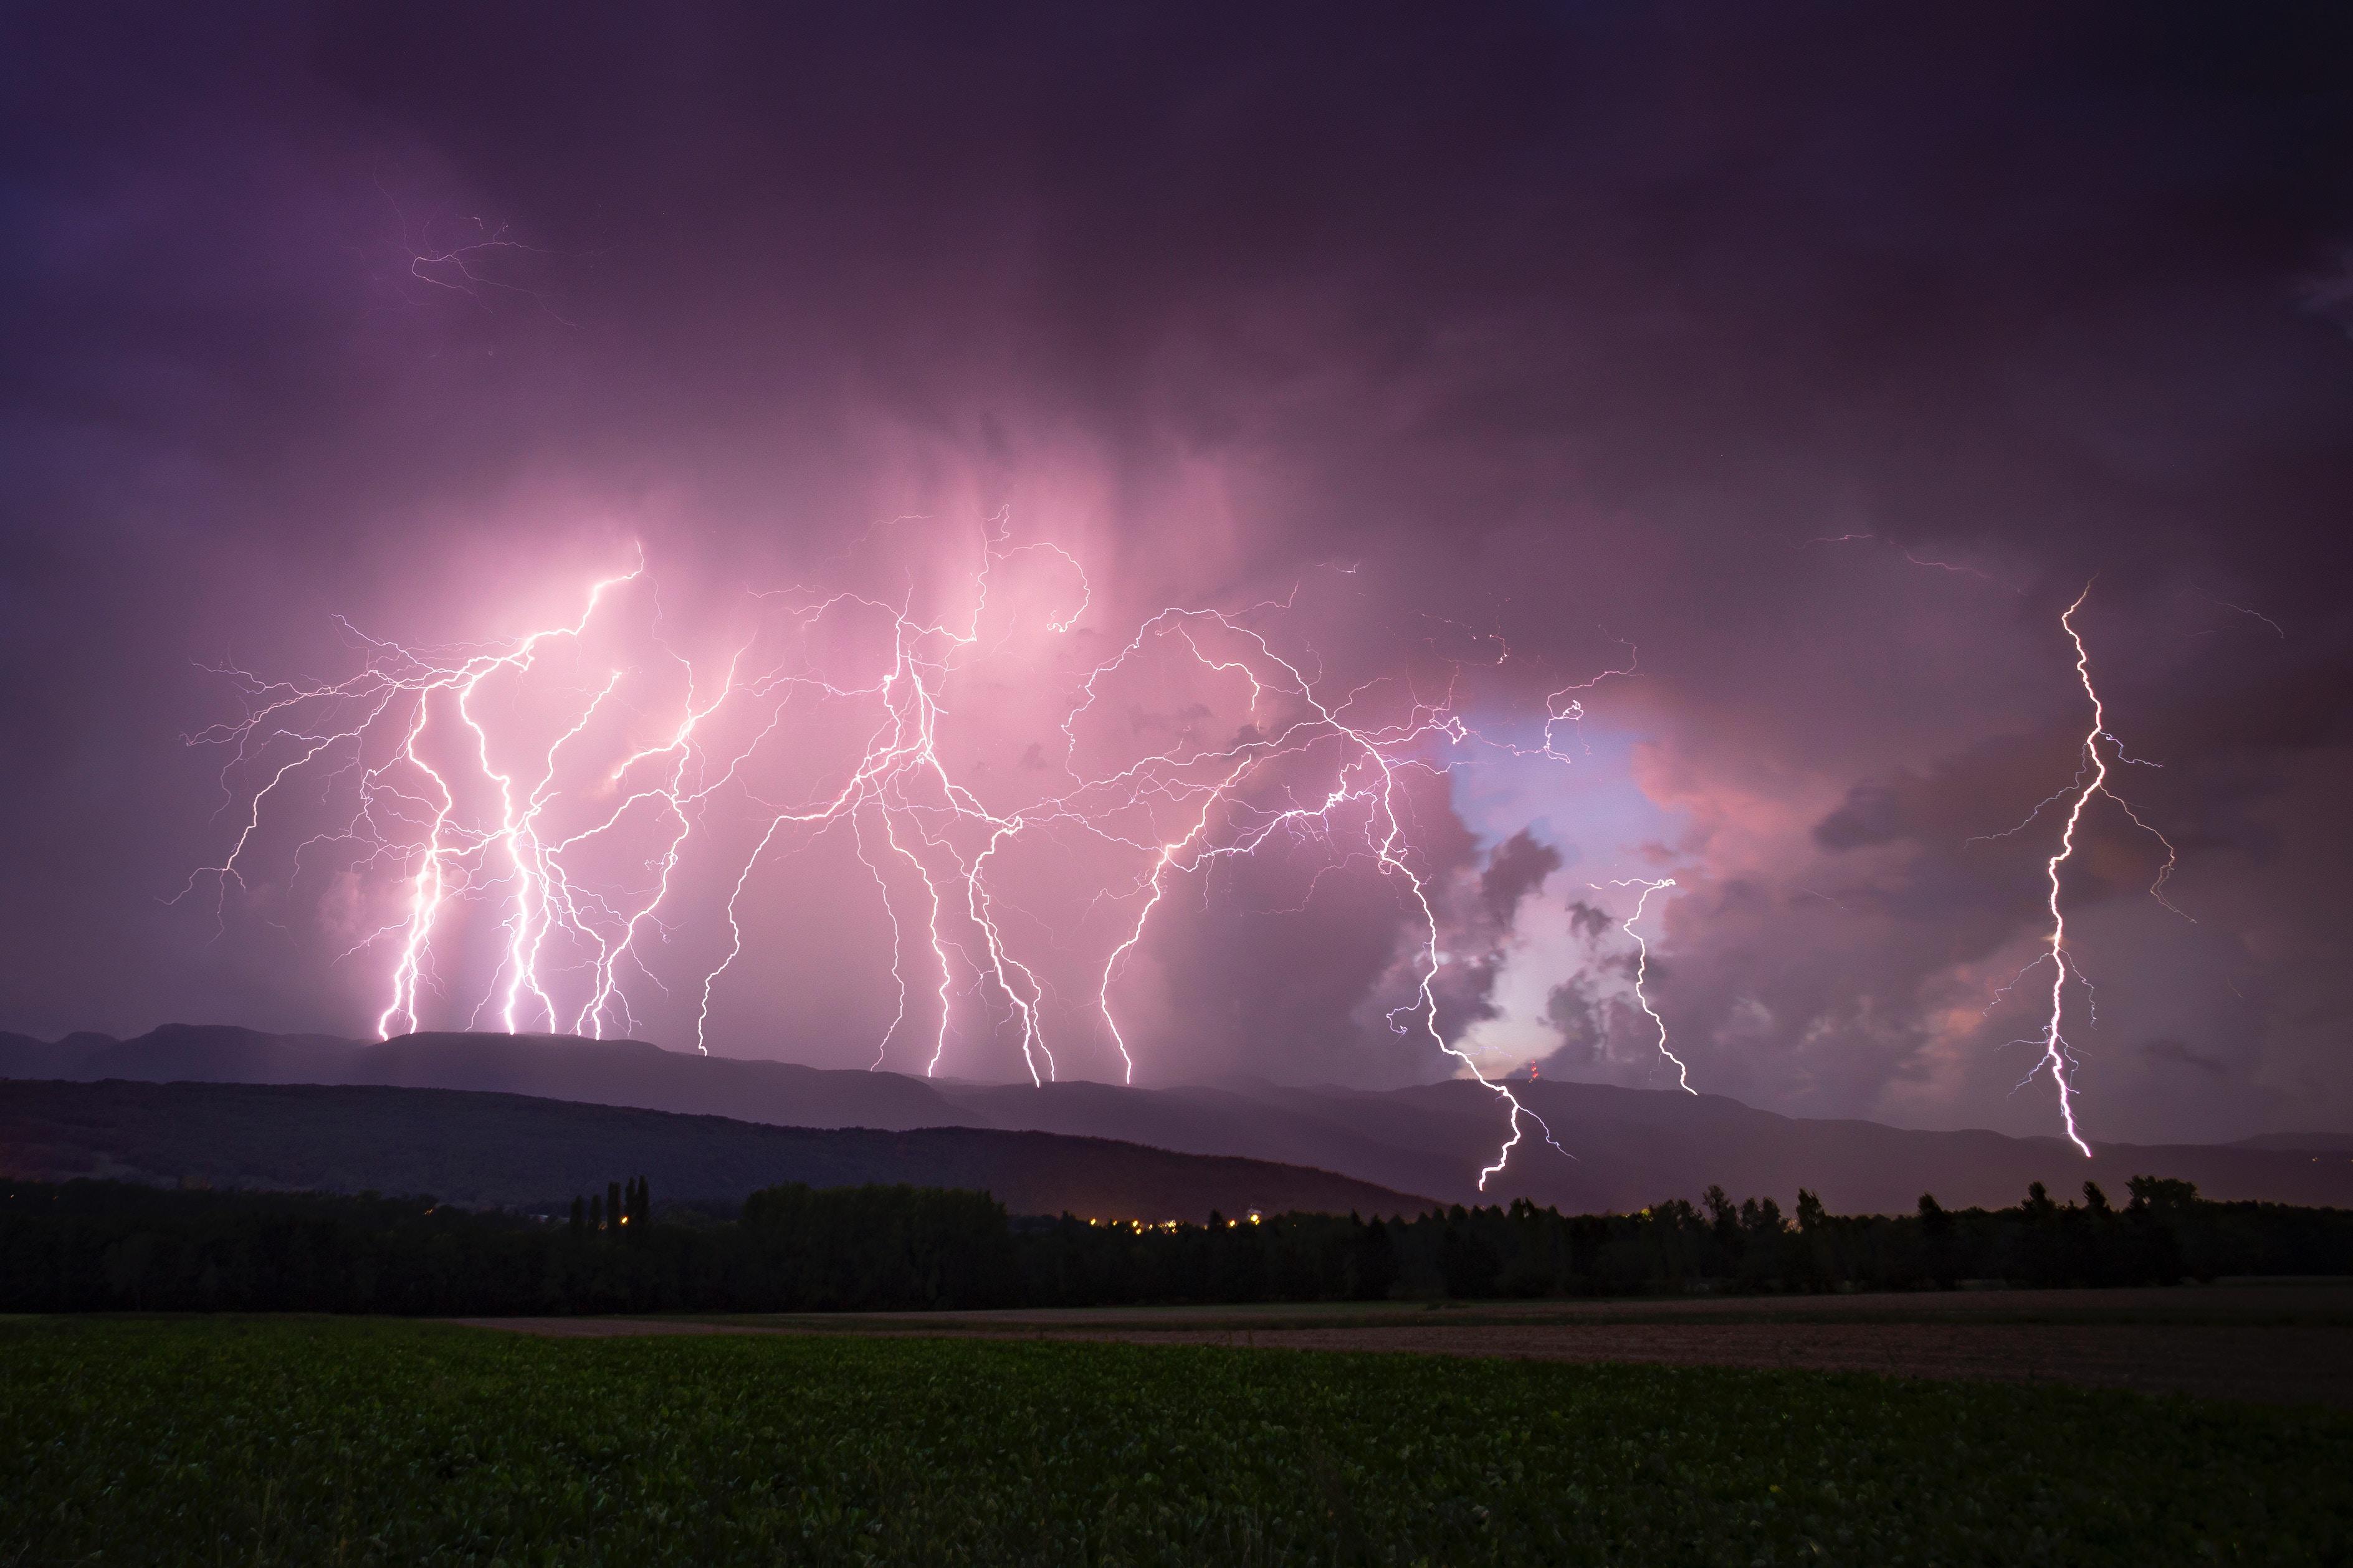 52016 Заставки и Обои Молния на телефон. Скачать Молния, Природа, Небо, Ночь, Горизонт, Пасмурно, Гроза картинки бесплатно